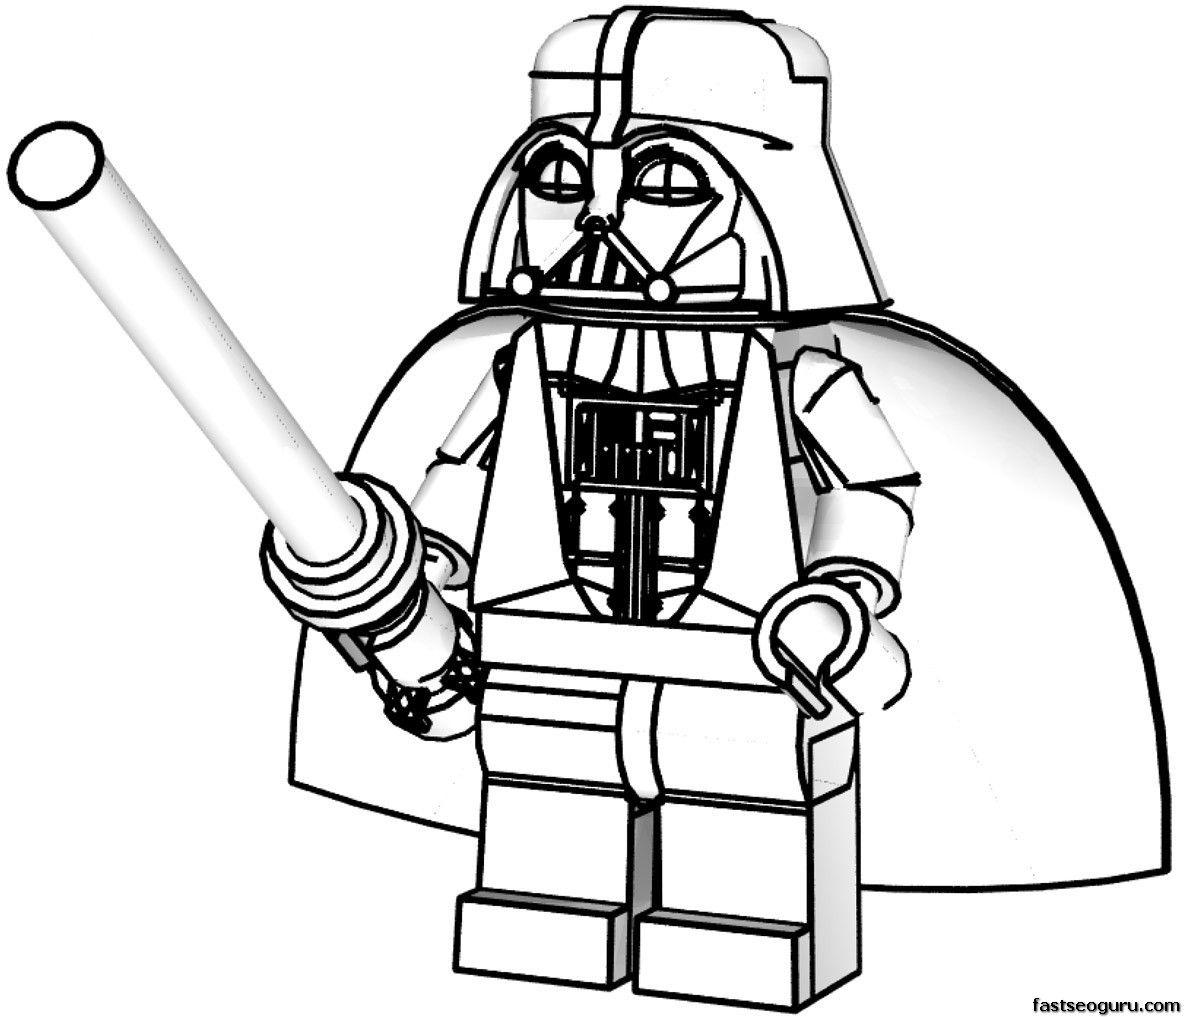 Darth Vader Lego Star Wars Coloring Page Lego Coloring Pages Lego Coloring Ninjago Coloring Pages